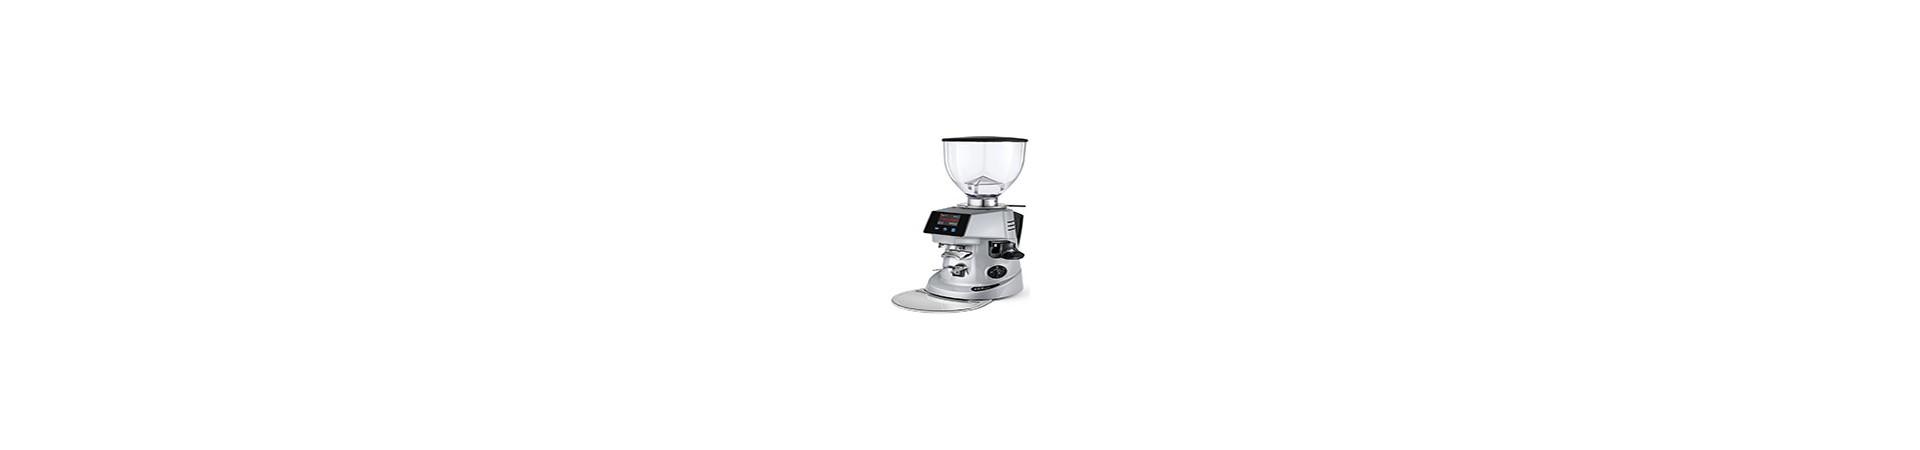 Molinos de café online con garantía y envío rápido